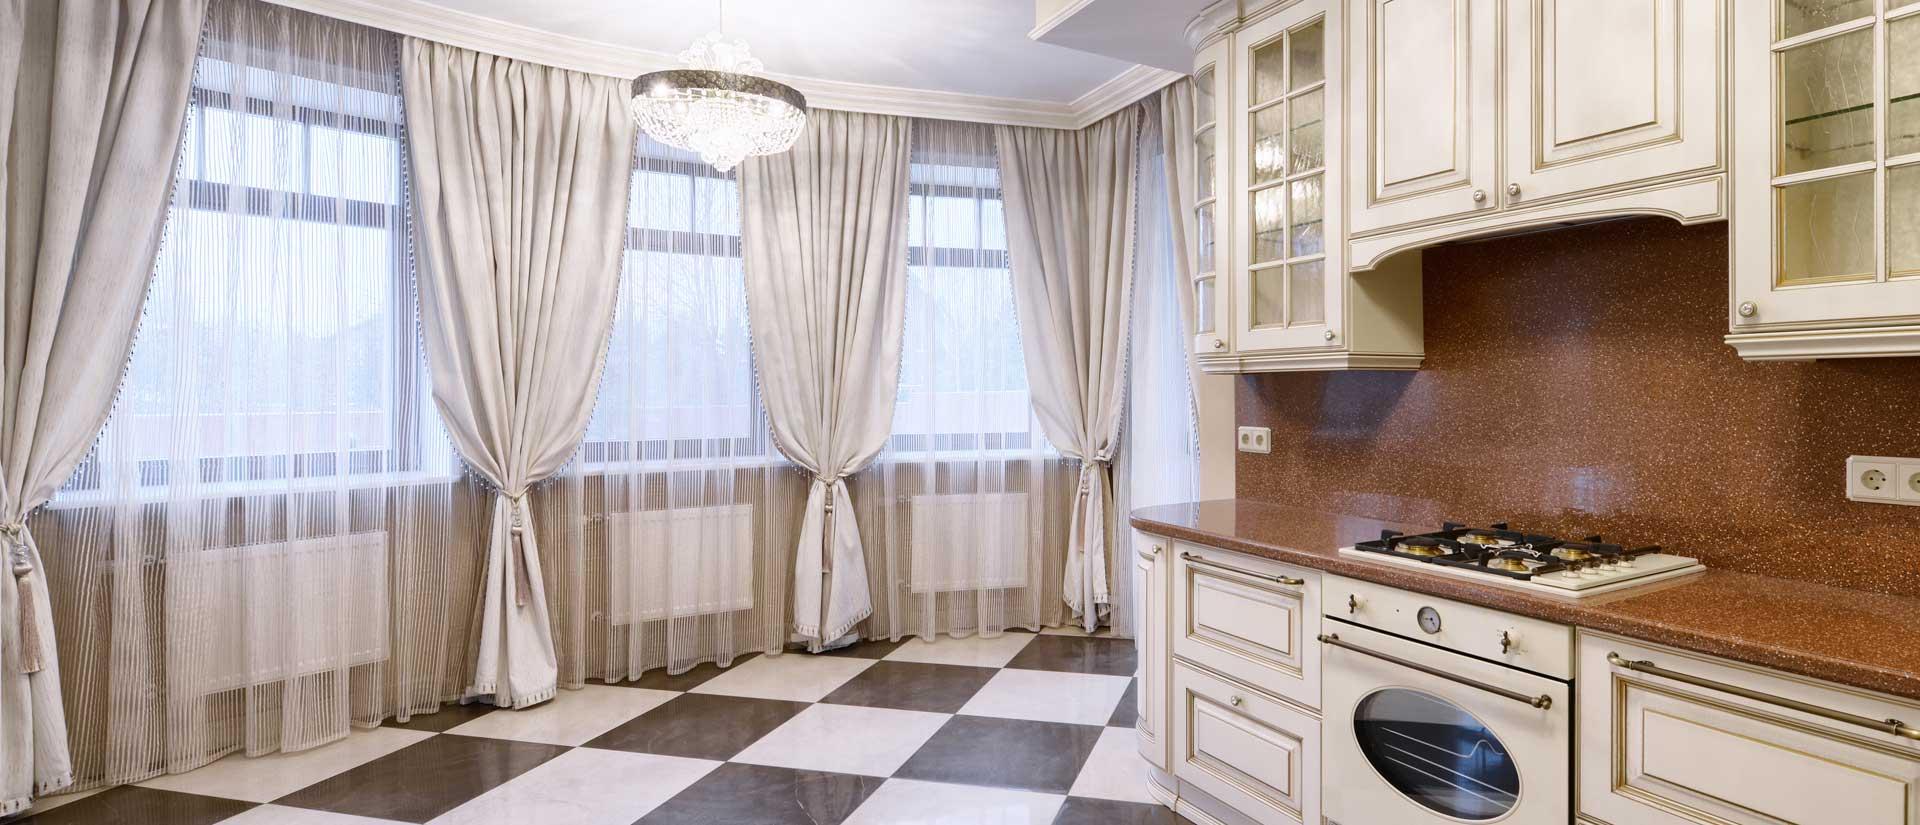 Full Size of Moderne Kchengardinen Bestellen Individuelle Fensterdeko Deckenlampen Wohnzimmer Modern Bett Design Deckenleuchte Schlafzimmer Modernes Tapete Küche Wohnzimmer Küchengardinen Modern